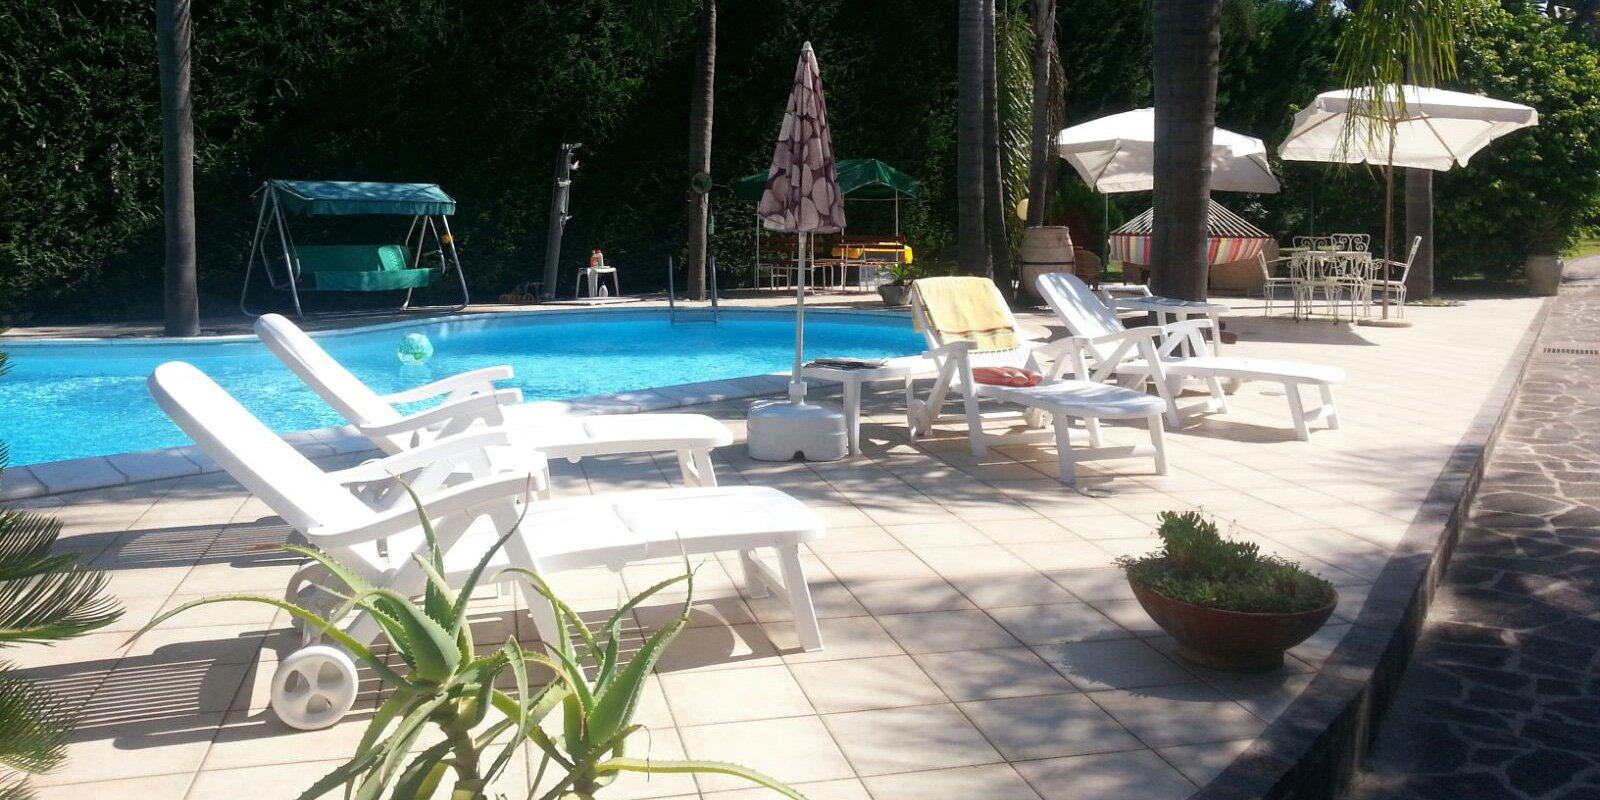 piscina con sdraio con rotelle dondolo con tendalino verde e ombrelloni